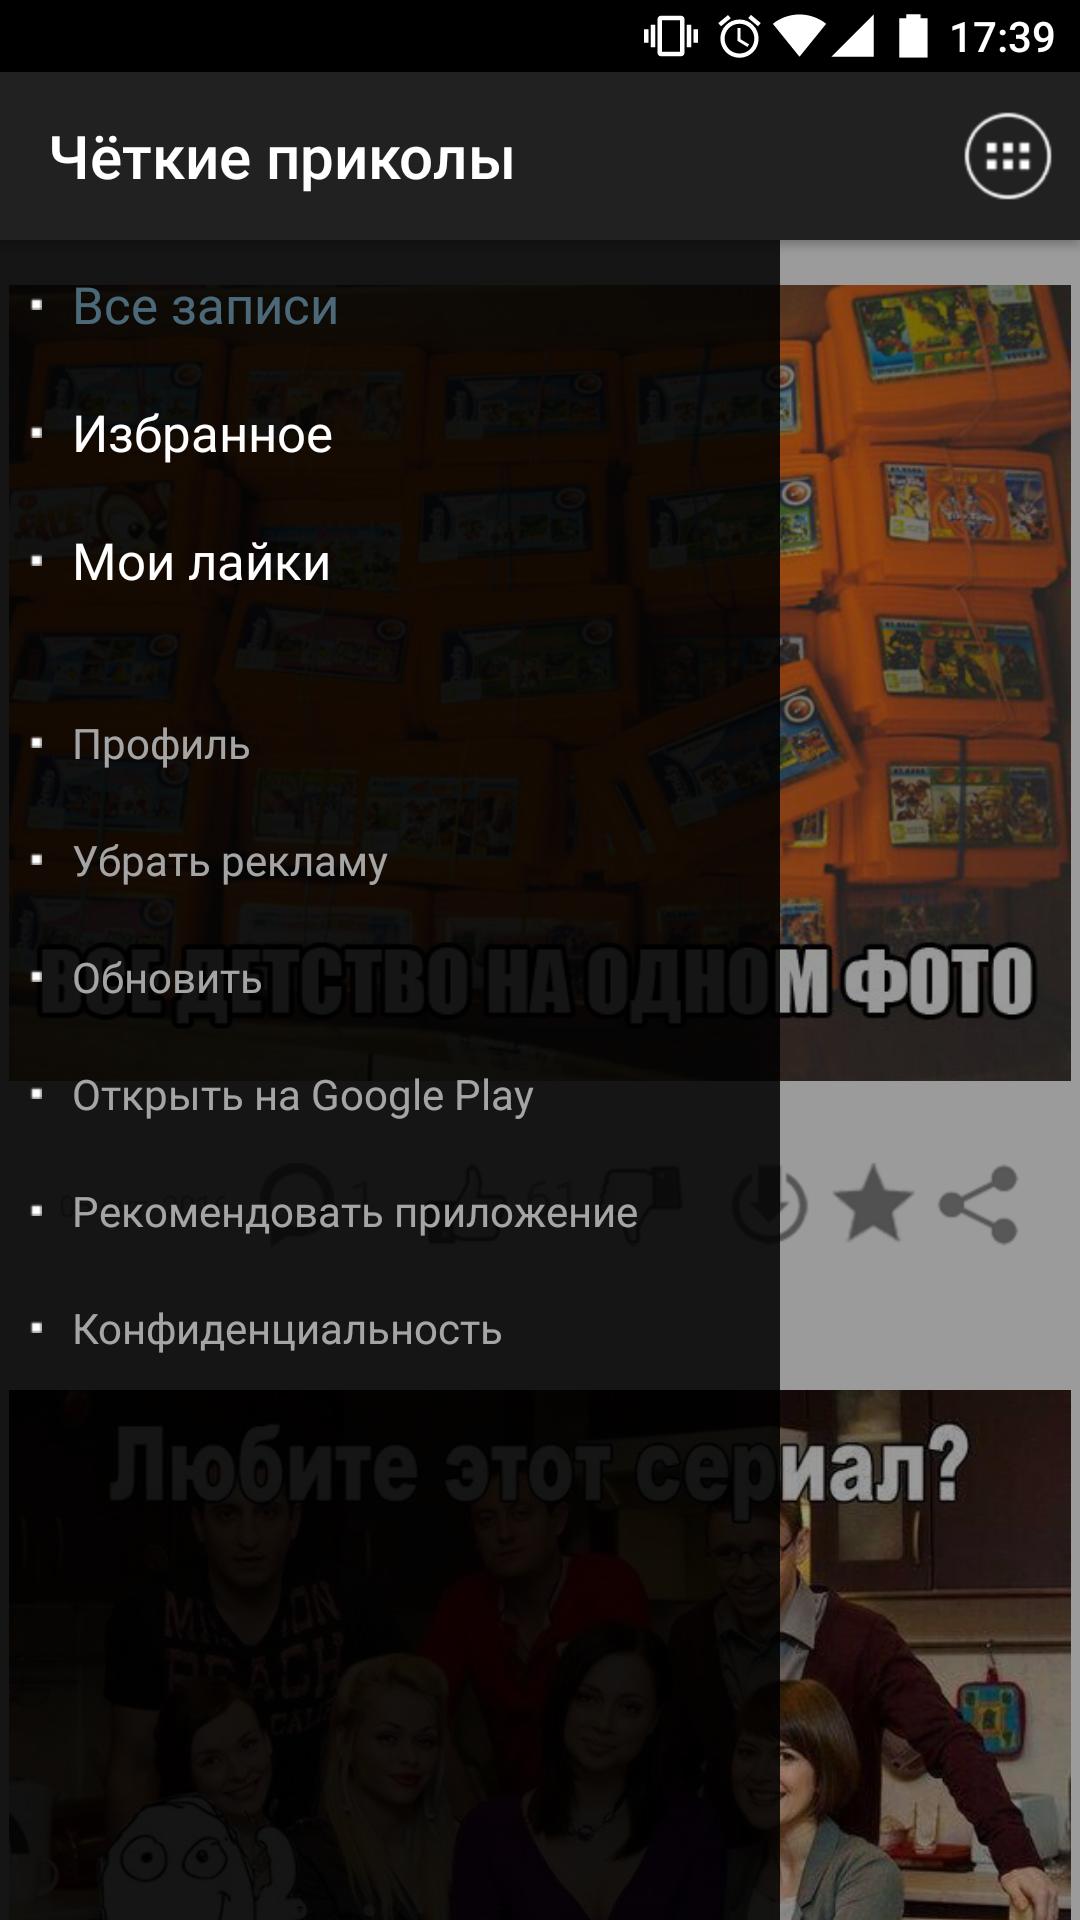 Прикольные топики-игры для сайтов впс хостинг рдп